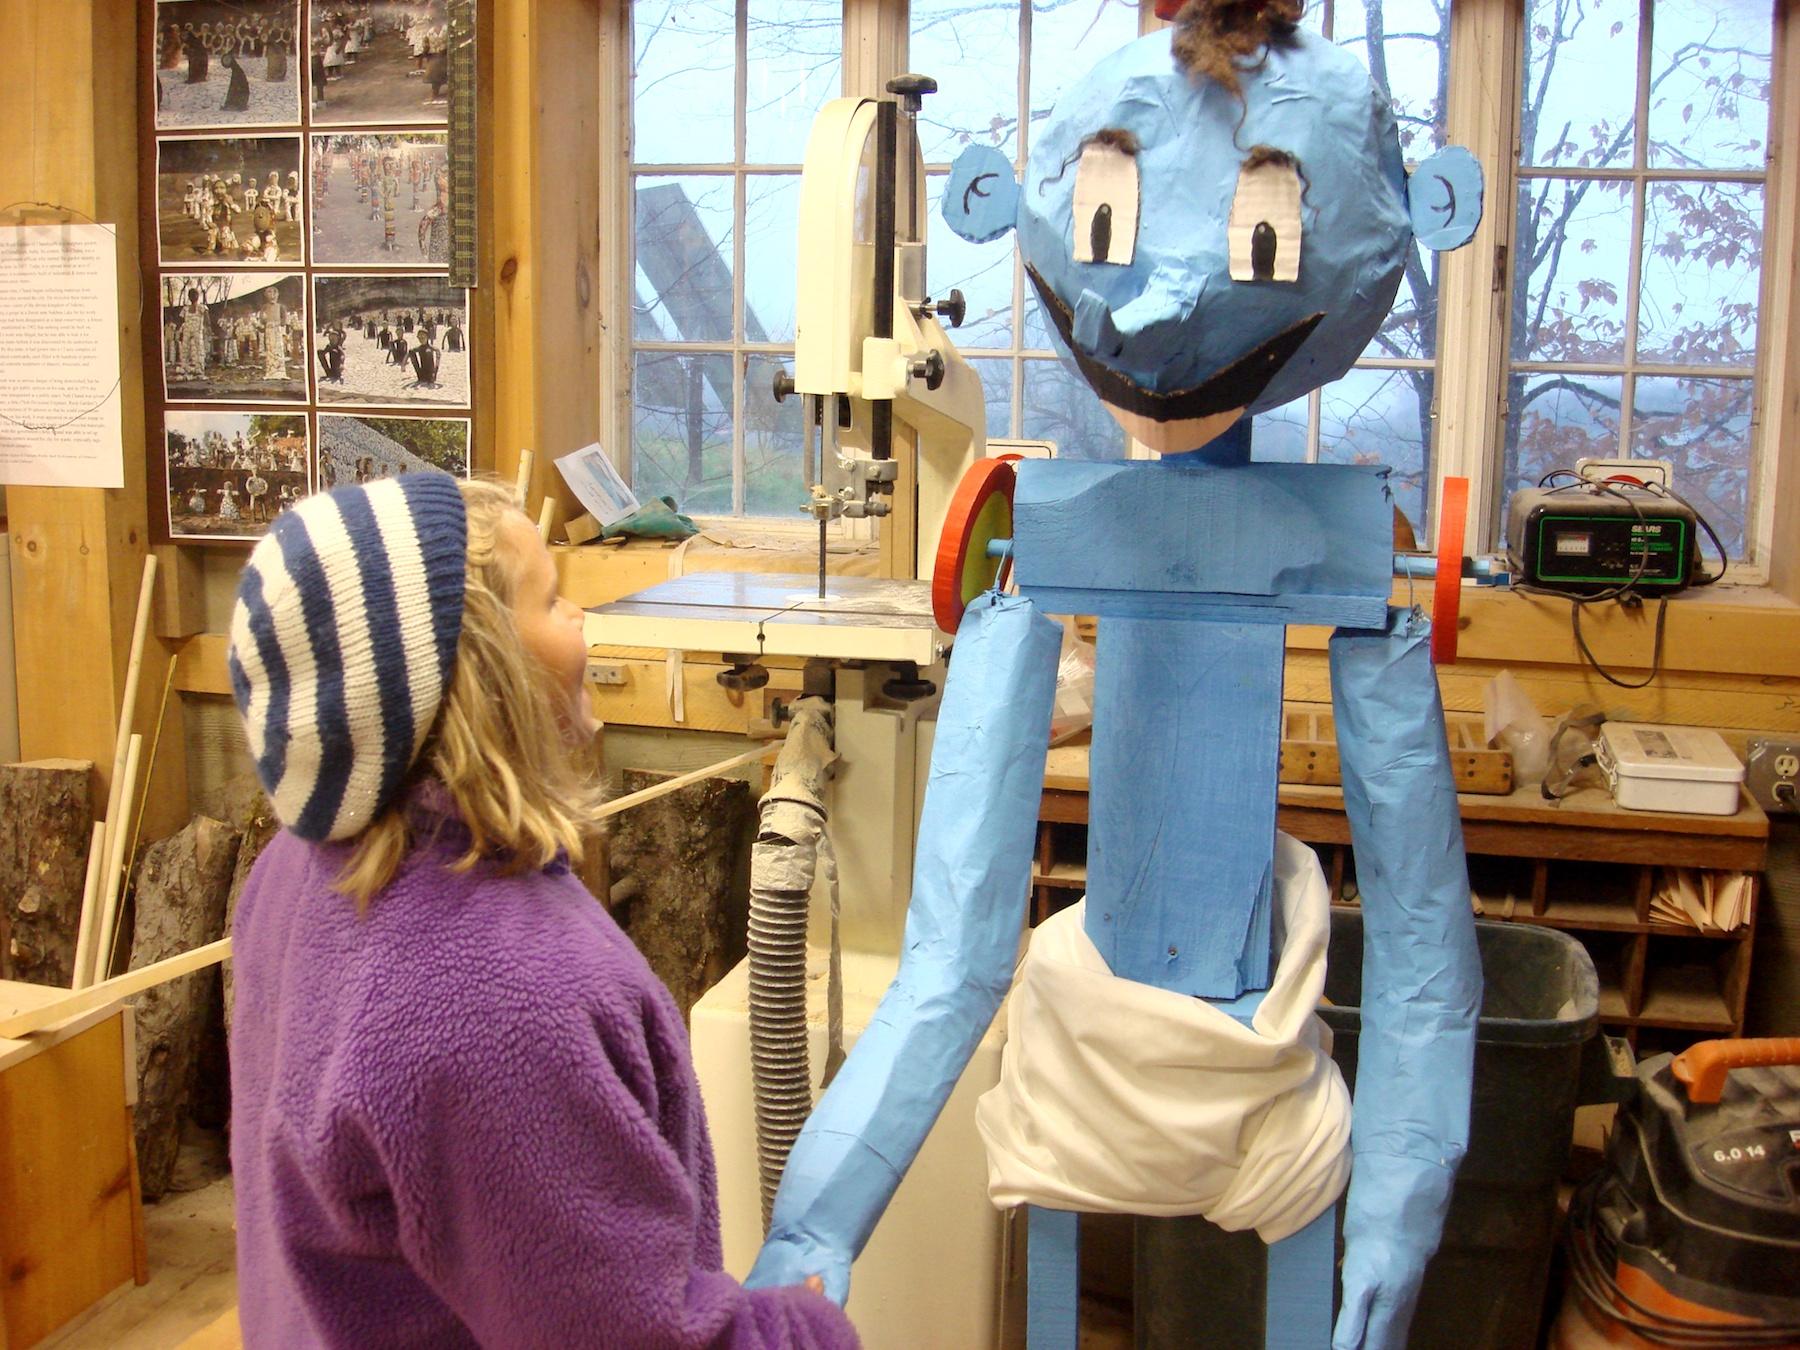 Annie shakes hands with Eddie's genie sculpture.